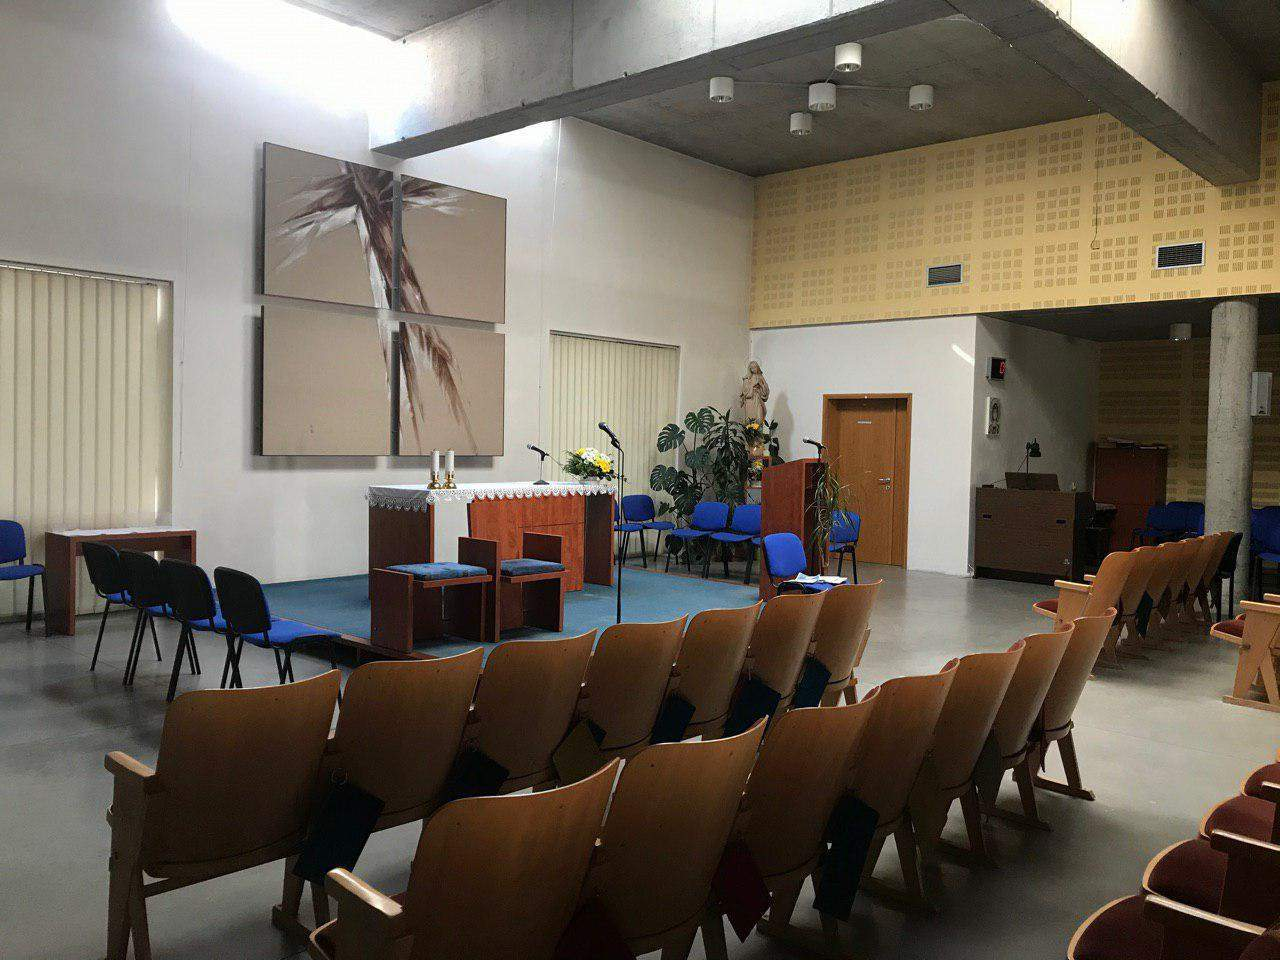 Duchovné centrum nahrádza veriacim z Lesnej kostol. Foto: Alžbeta Kyselicová